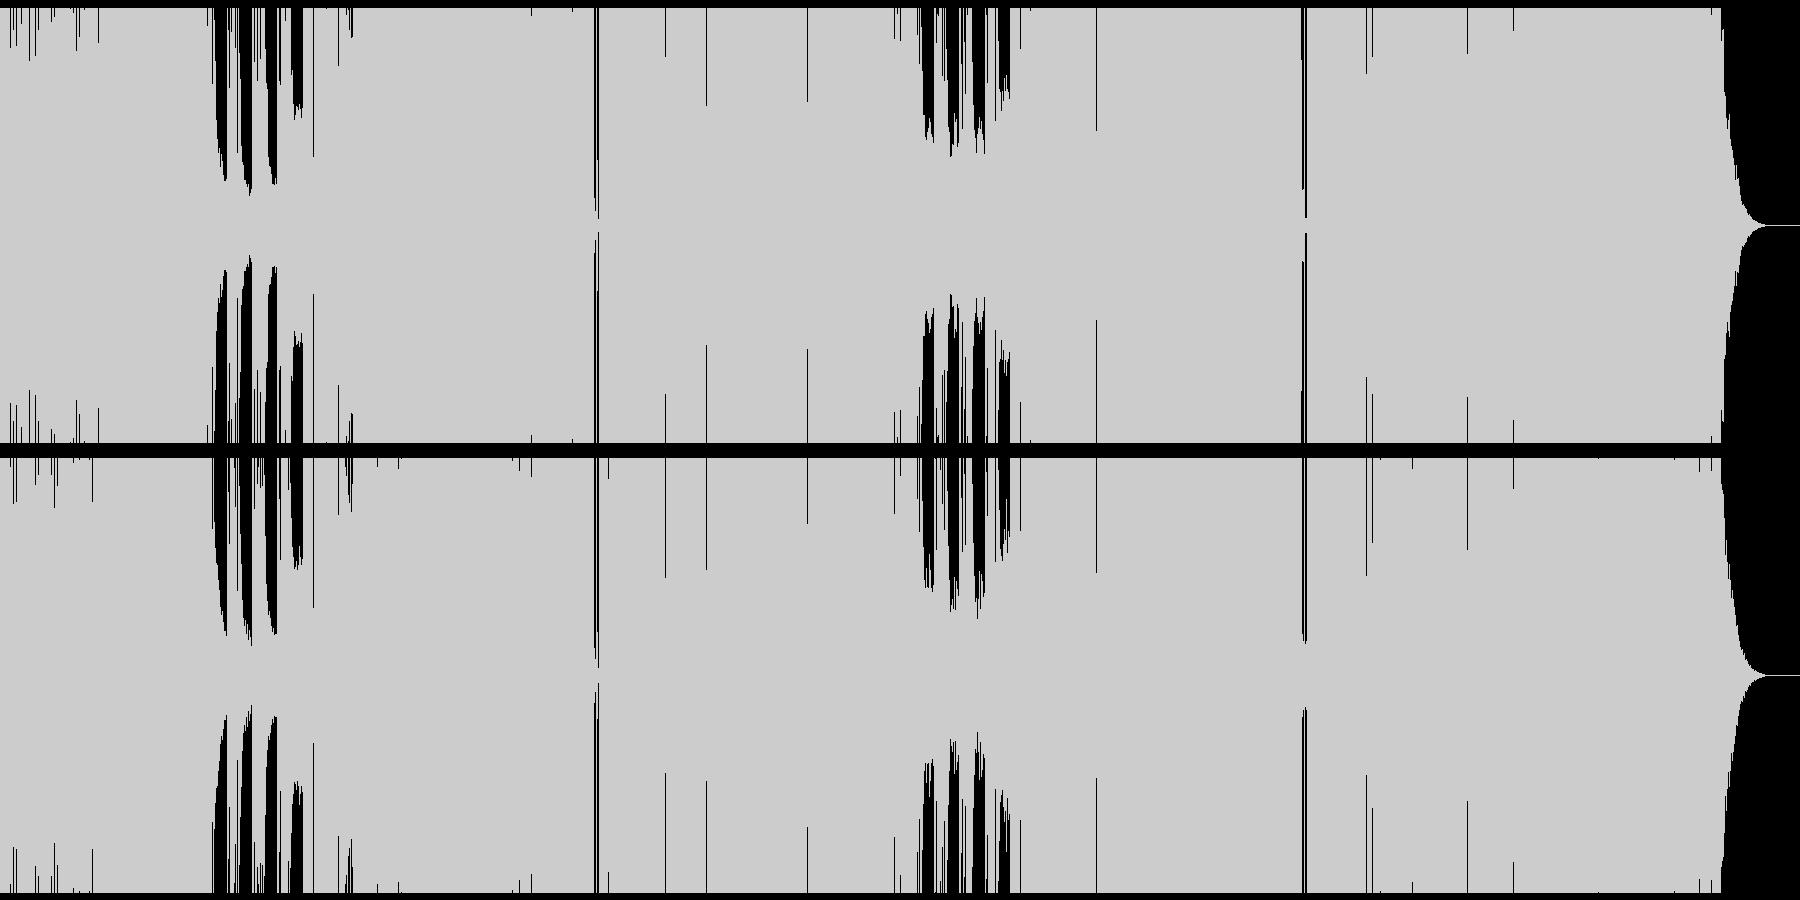 重低音4つ打ちEDMの未再生の波形